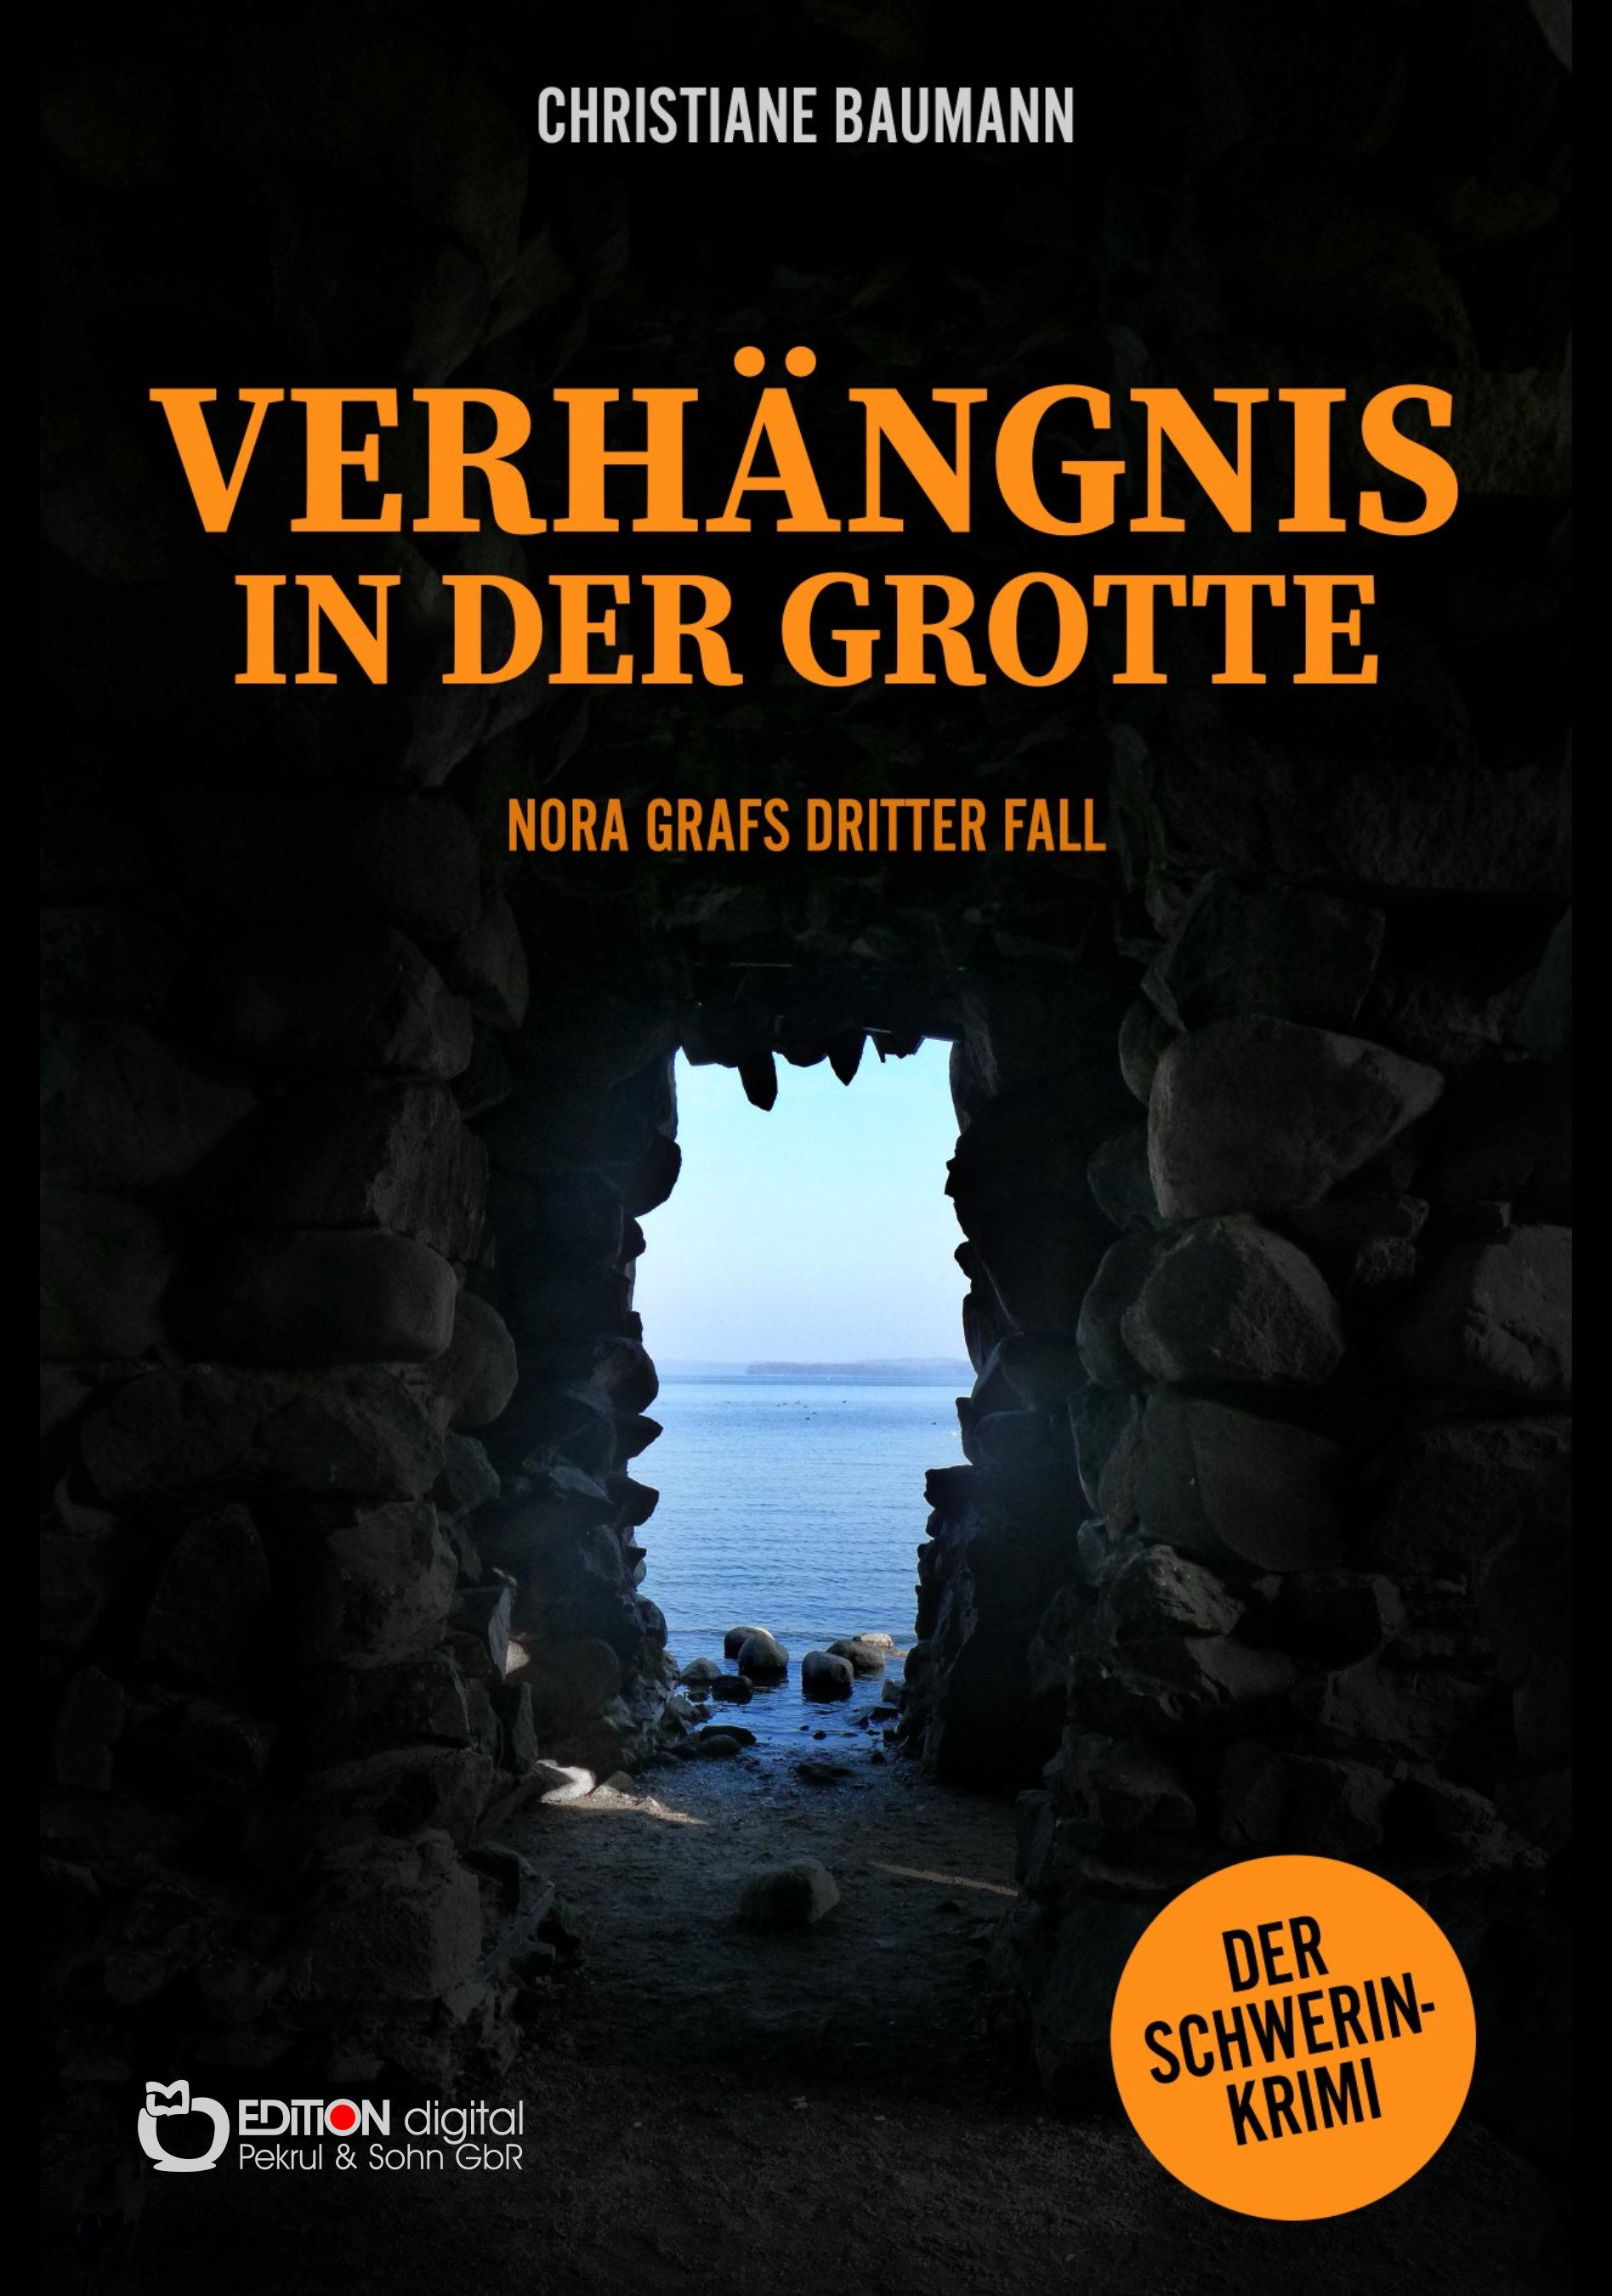 Verhängnis in der Grotte. Nora Grafs dritter Fall – Schwerin-Krimi von Christiane Baumann